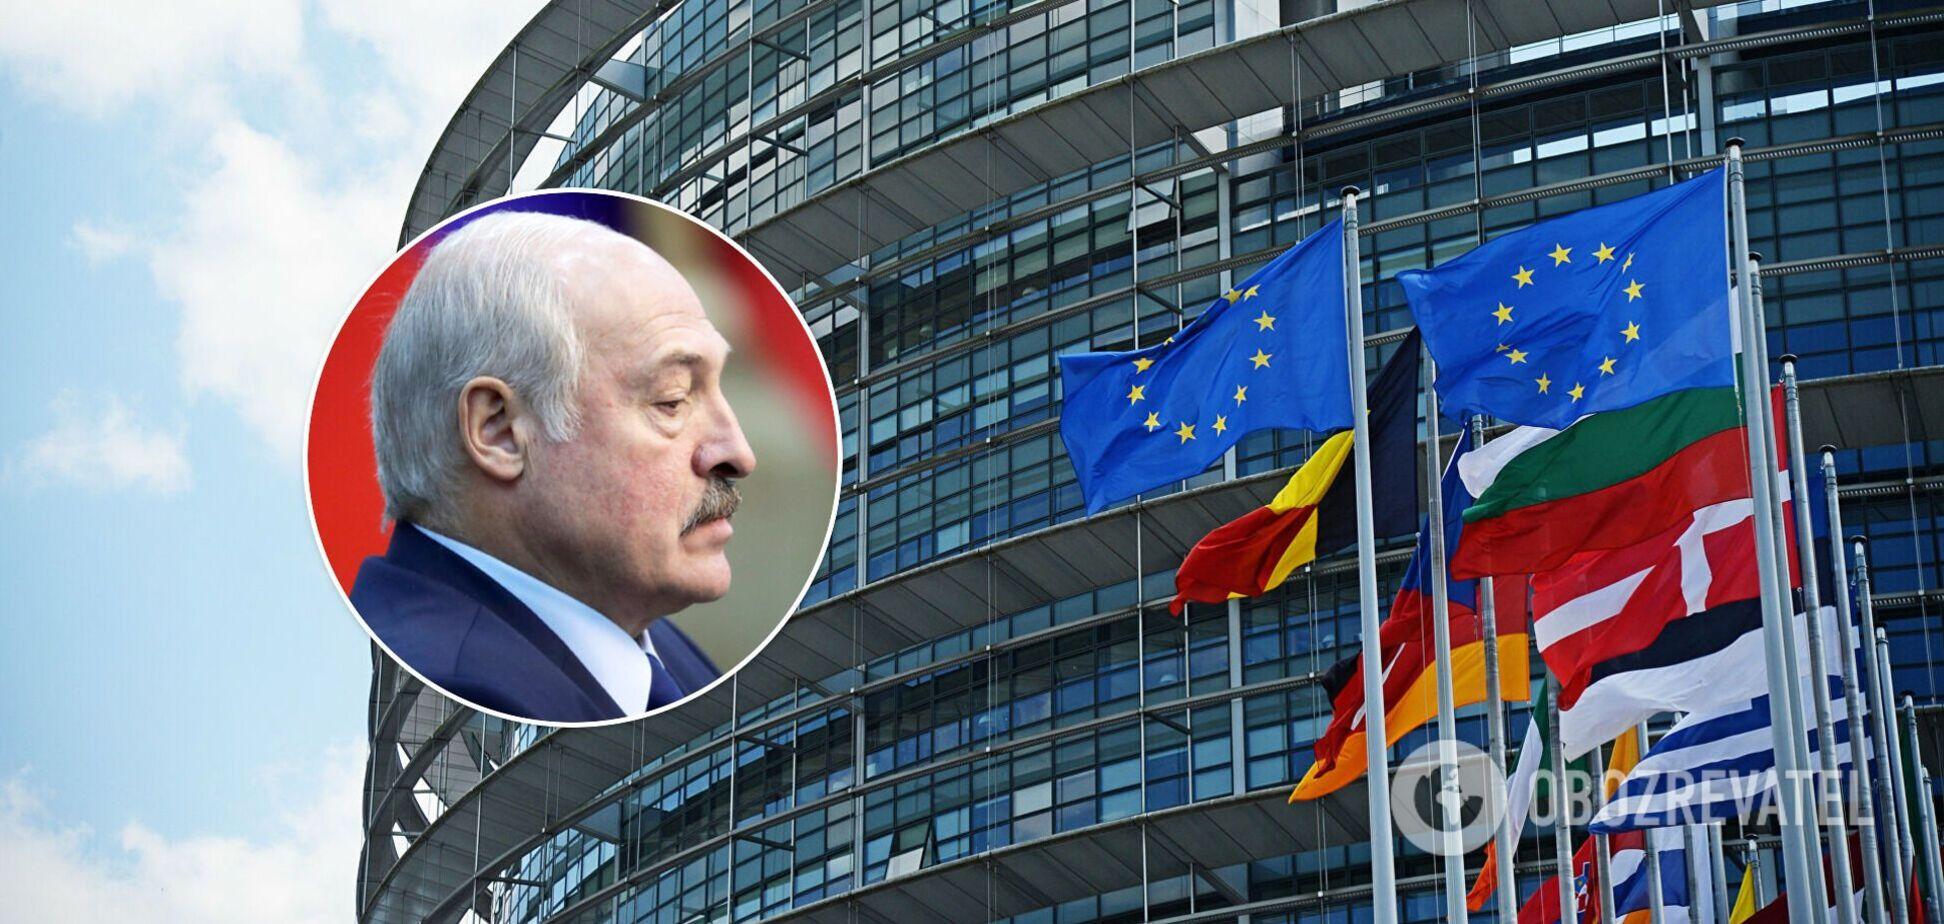 Європарламент ухвалив резолюцію щодо Білорусі: хочуть від'єднати від SWIFT і розширити санкції